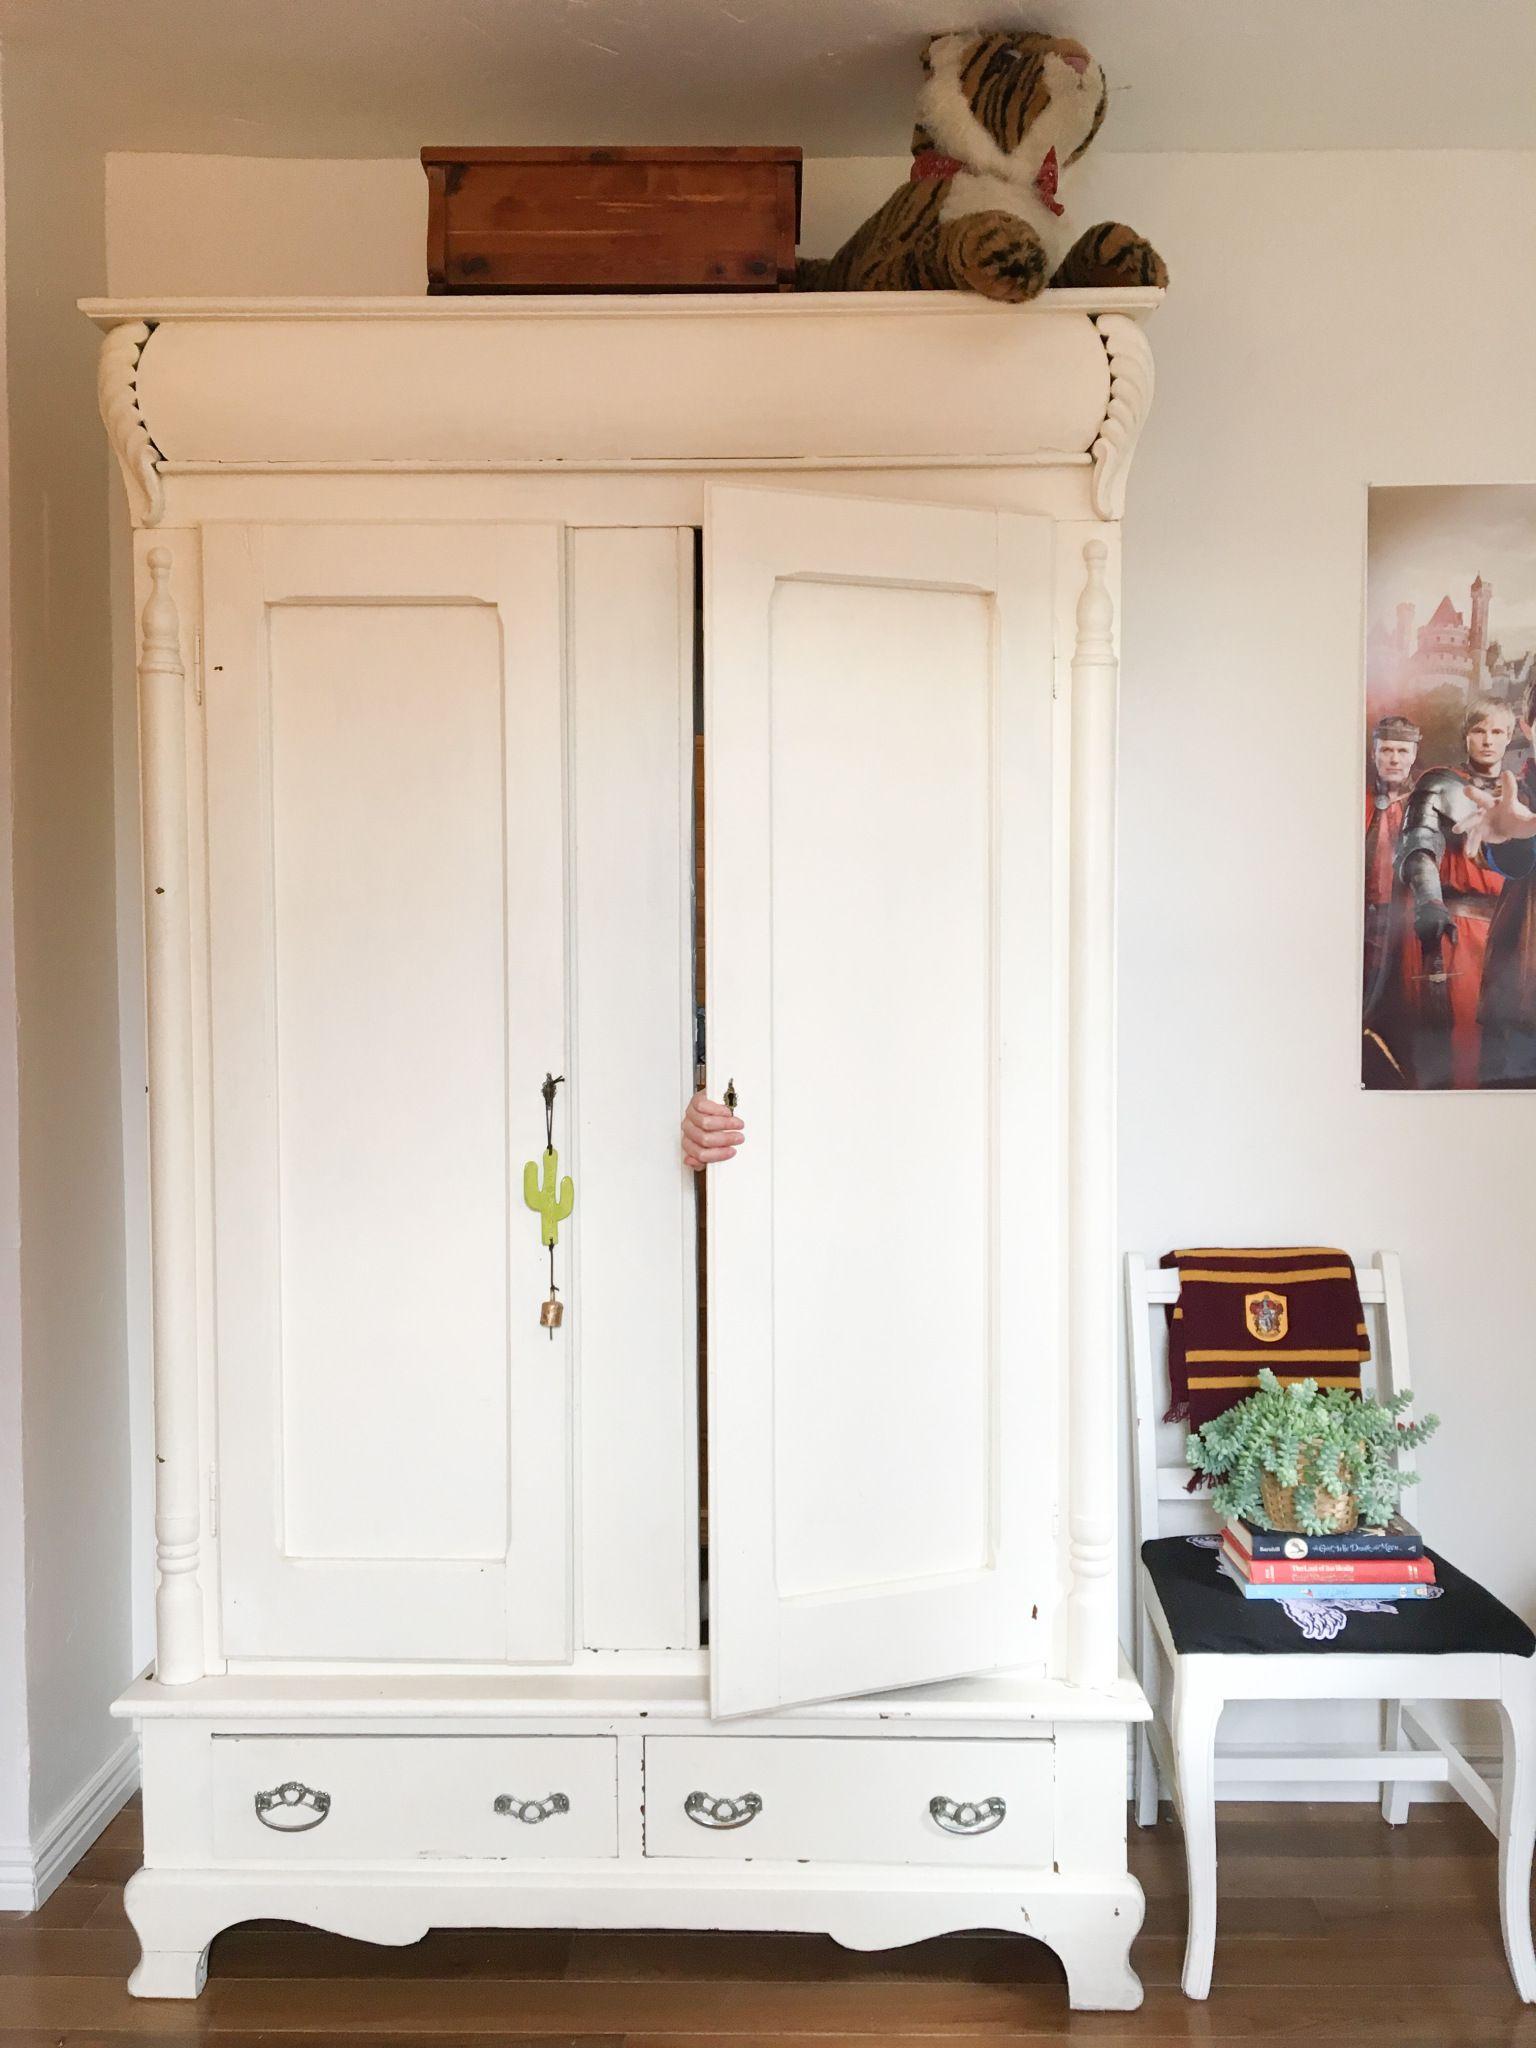 wardrobe entrance for children Secret rooms, Cool secret